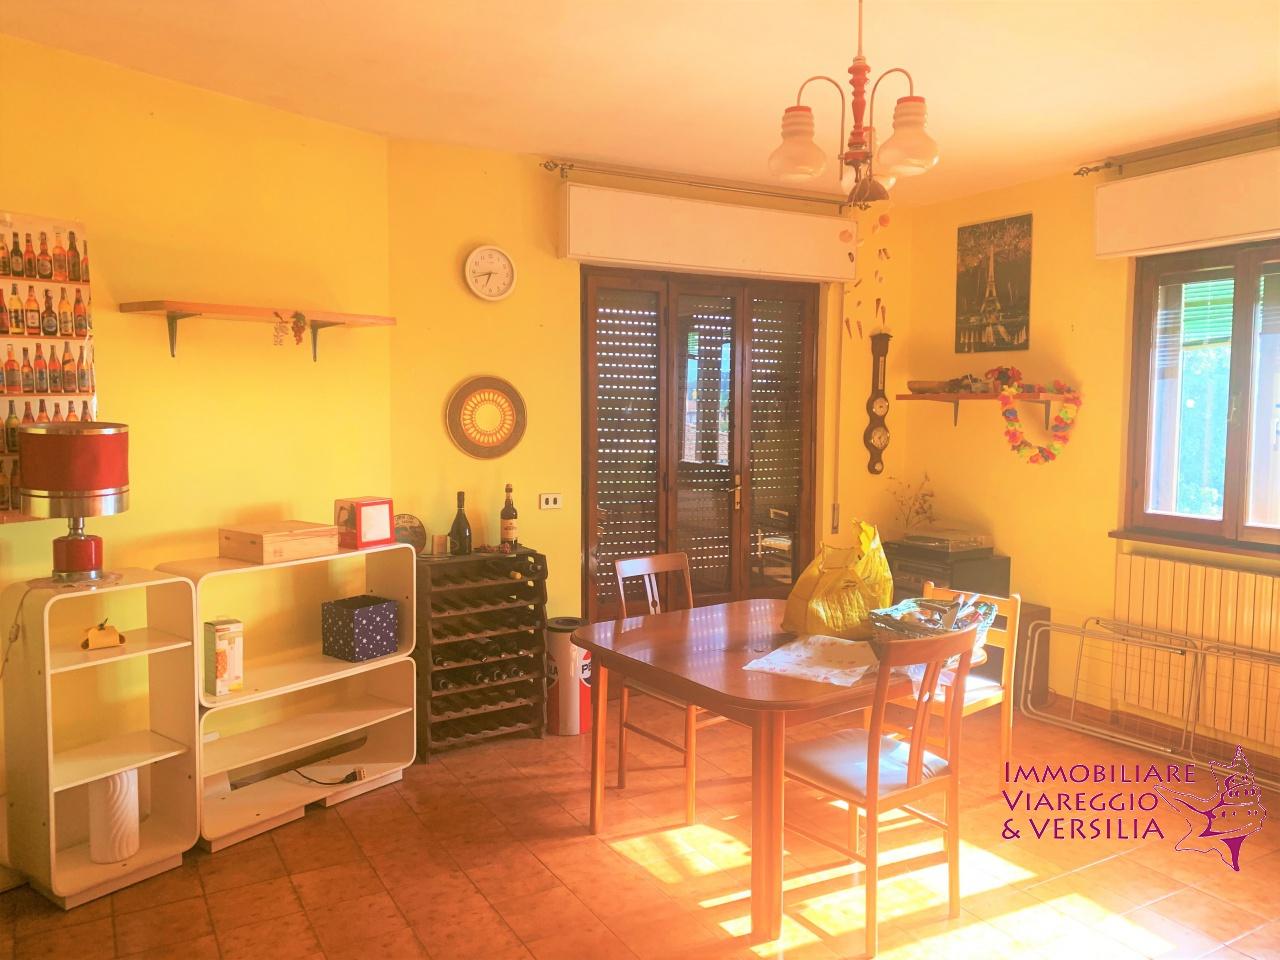 Appartamento in vendita a Massarosa, 4 locali, prezzo € 110.000   PortaleAgenzieImmobiliari.it